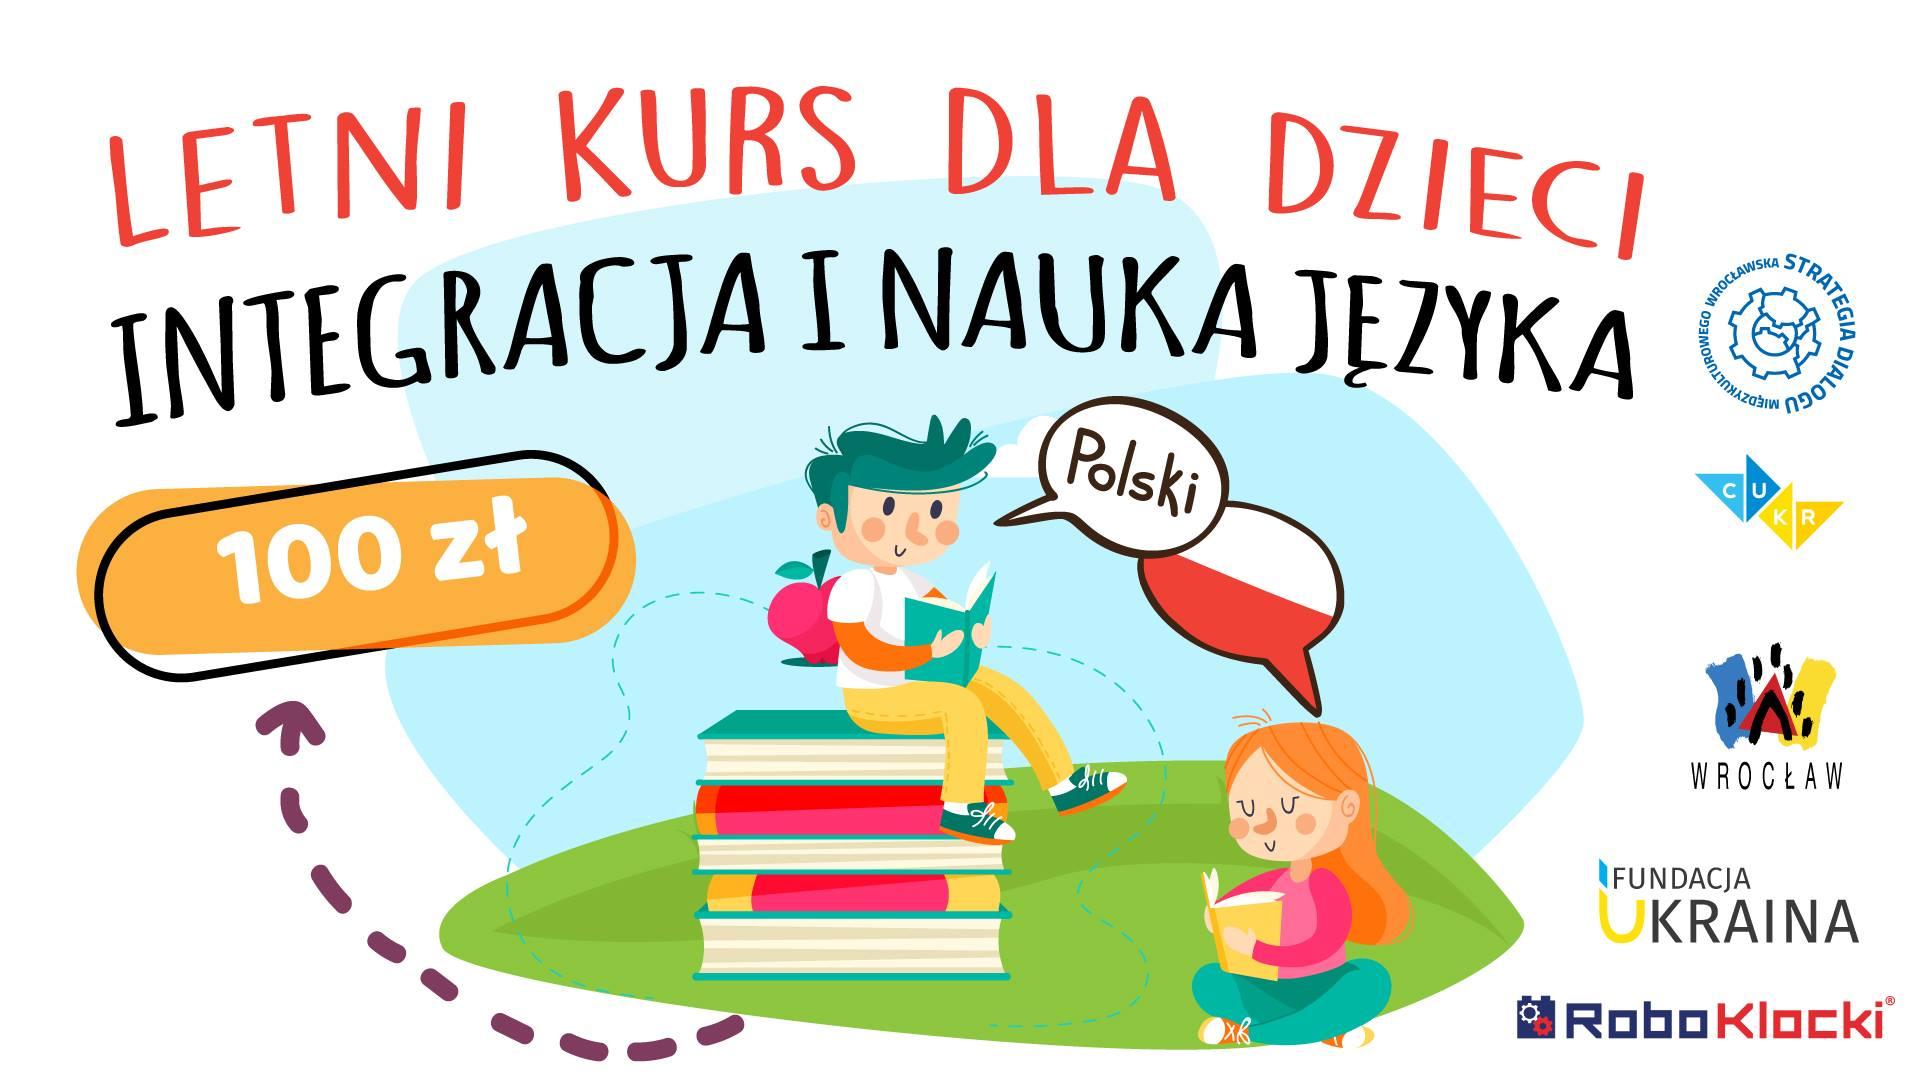 Літній мовно-інтеграційний курс для дітей та молоді!